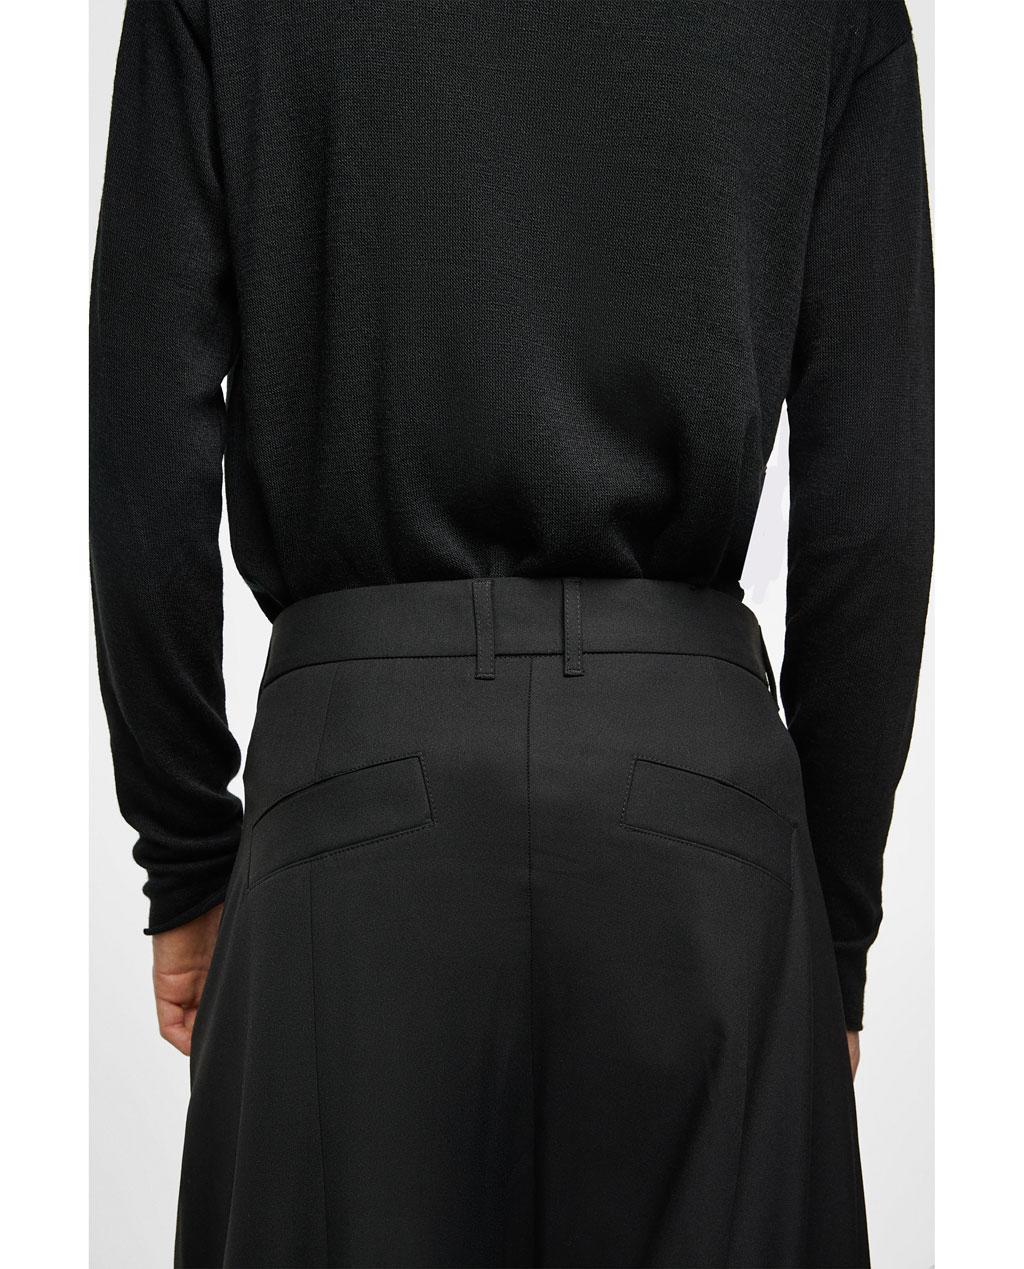 Thời trang nam Zara  23954 - ảnh 7